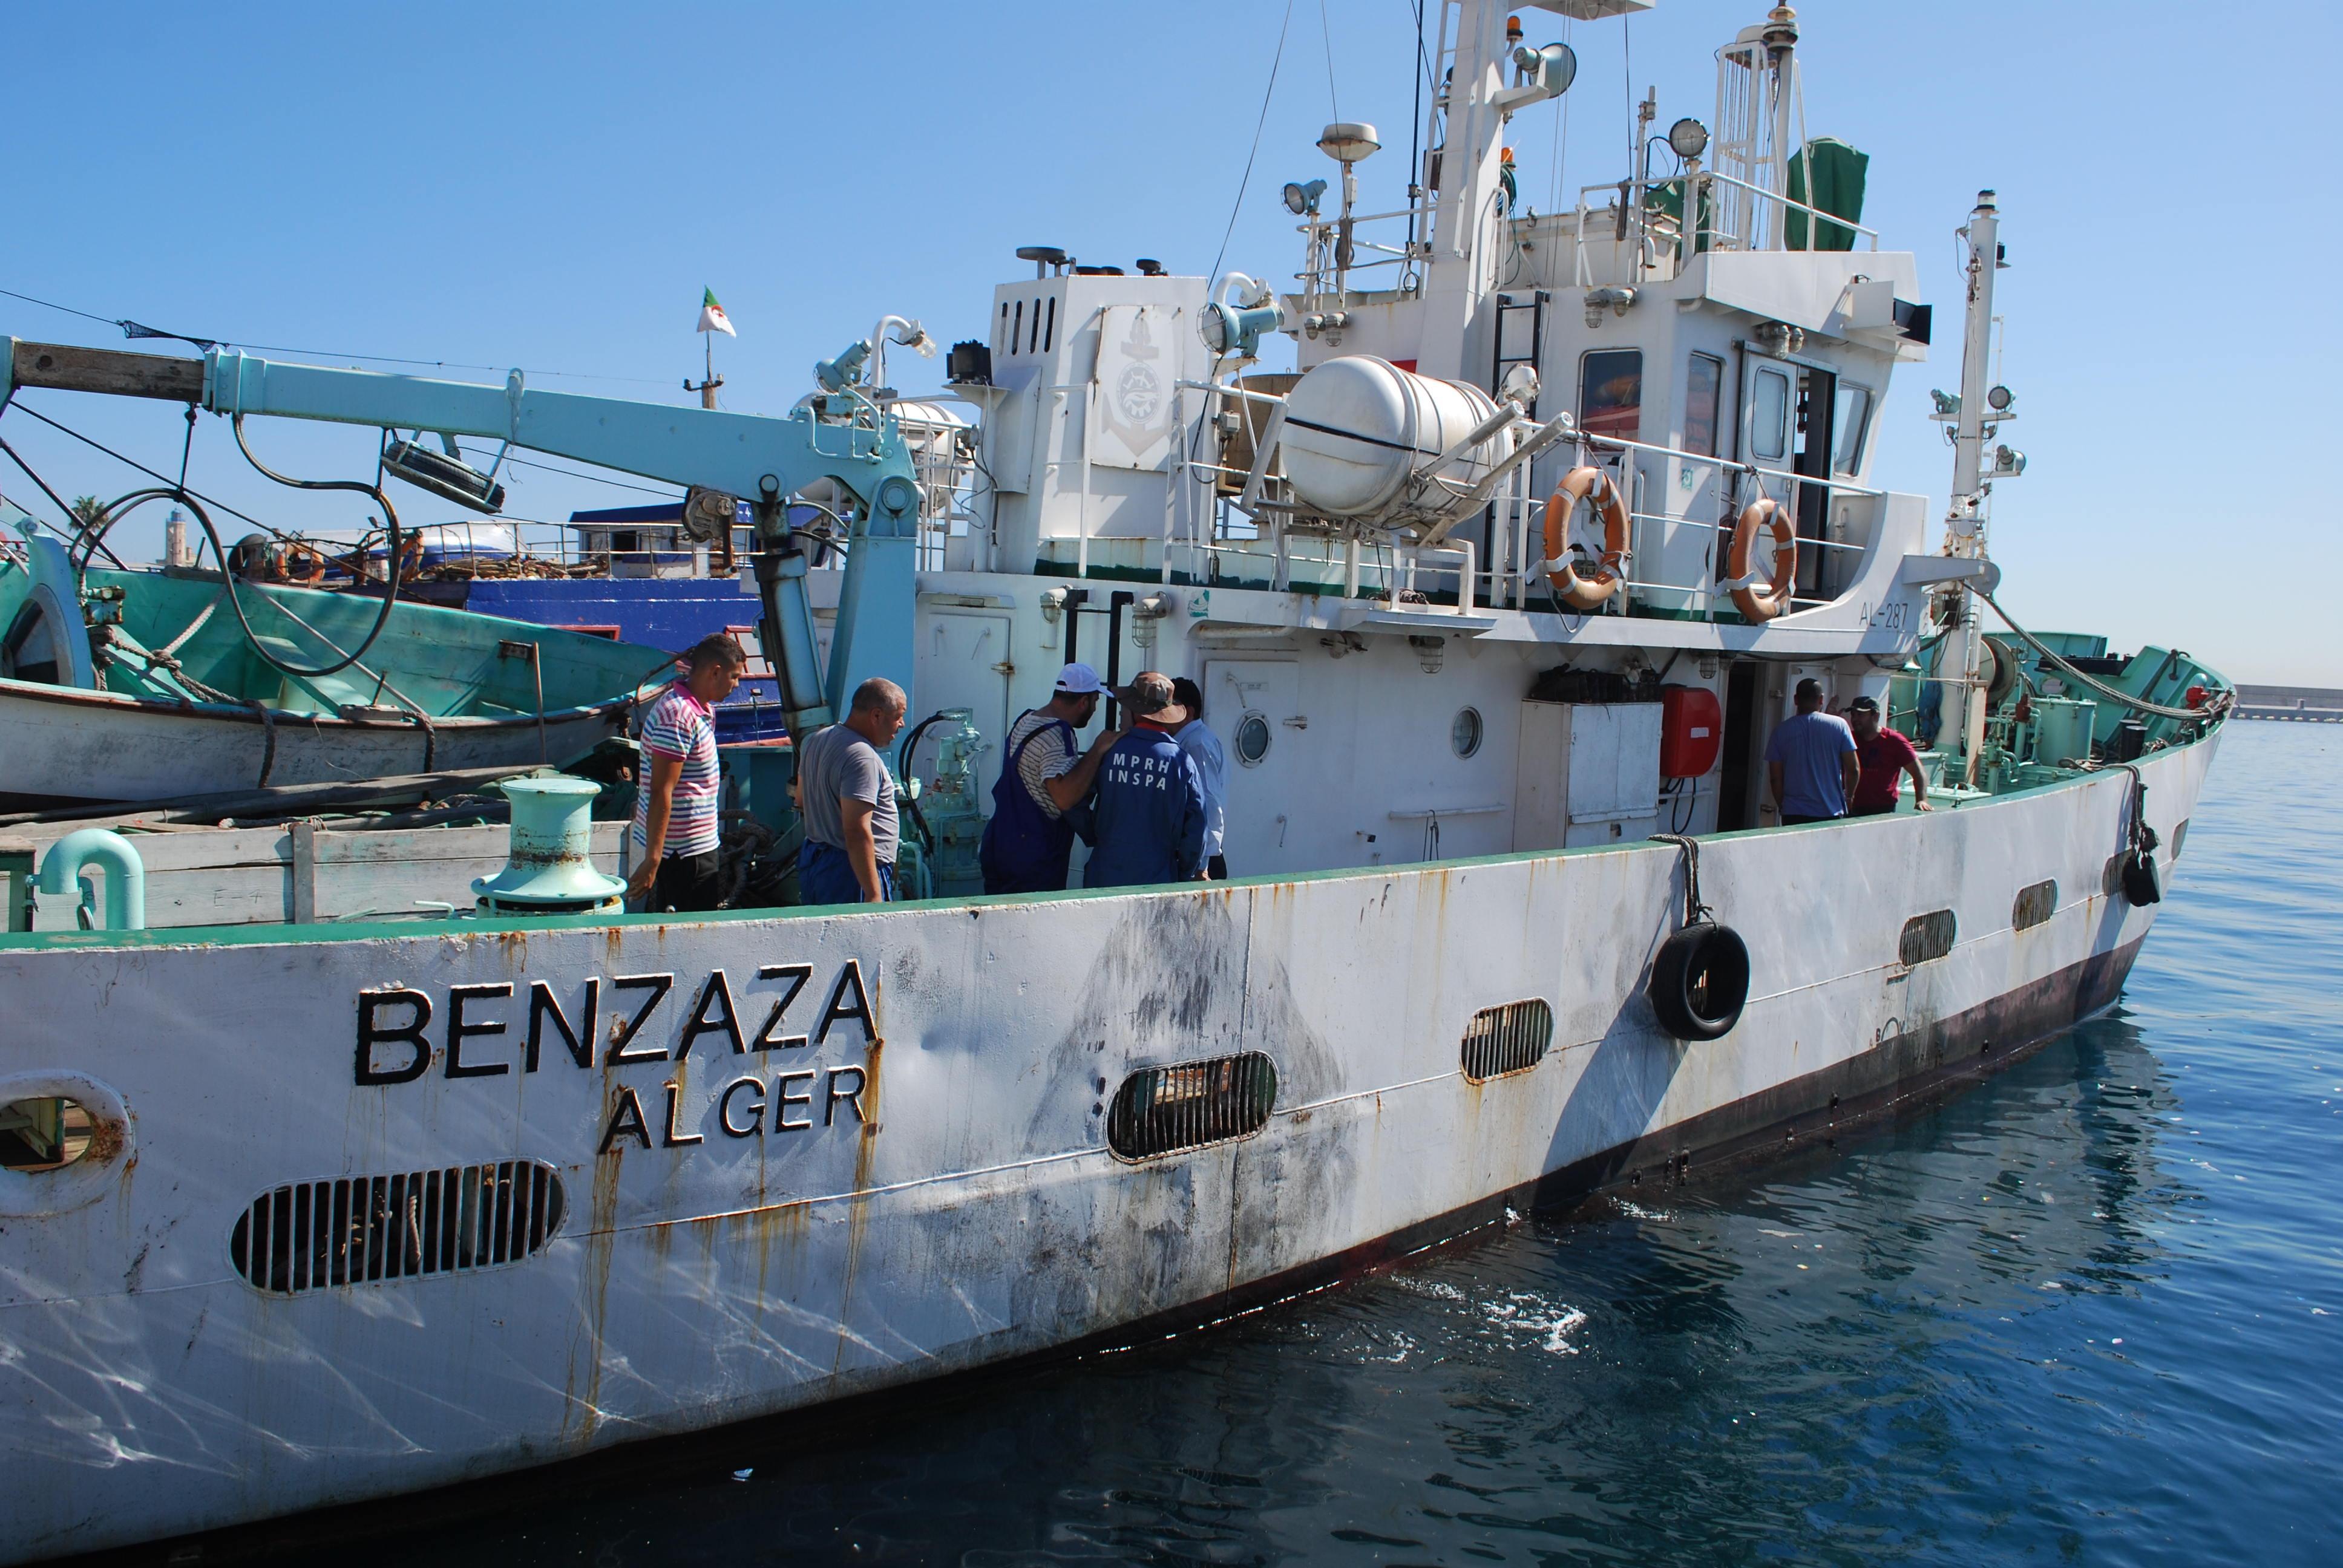 DIVICO II بن زازة في الساحل الغربي و